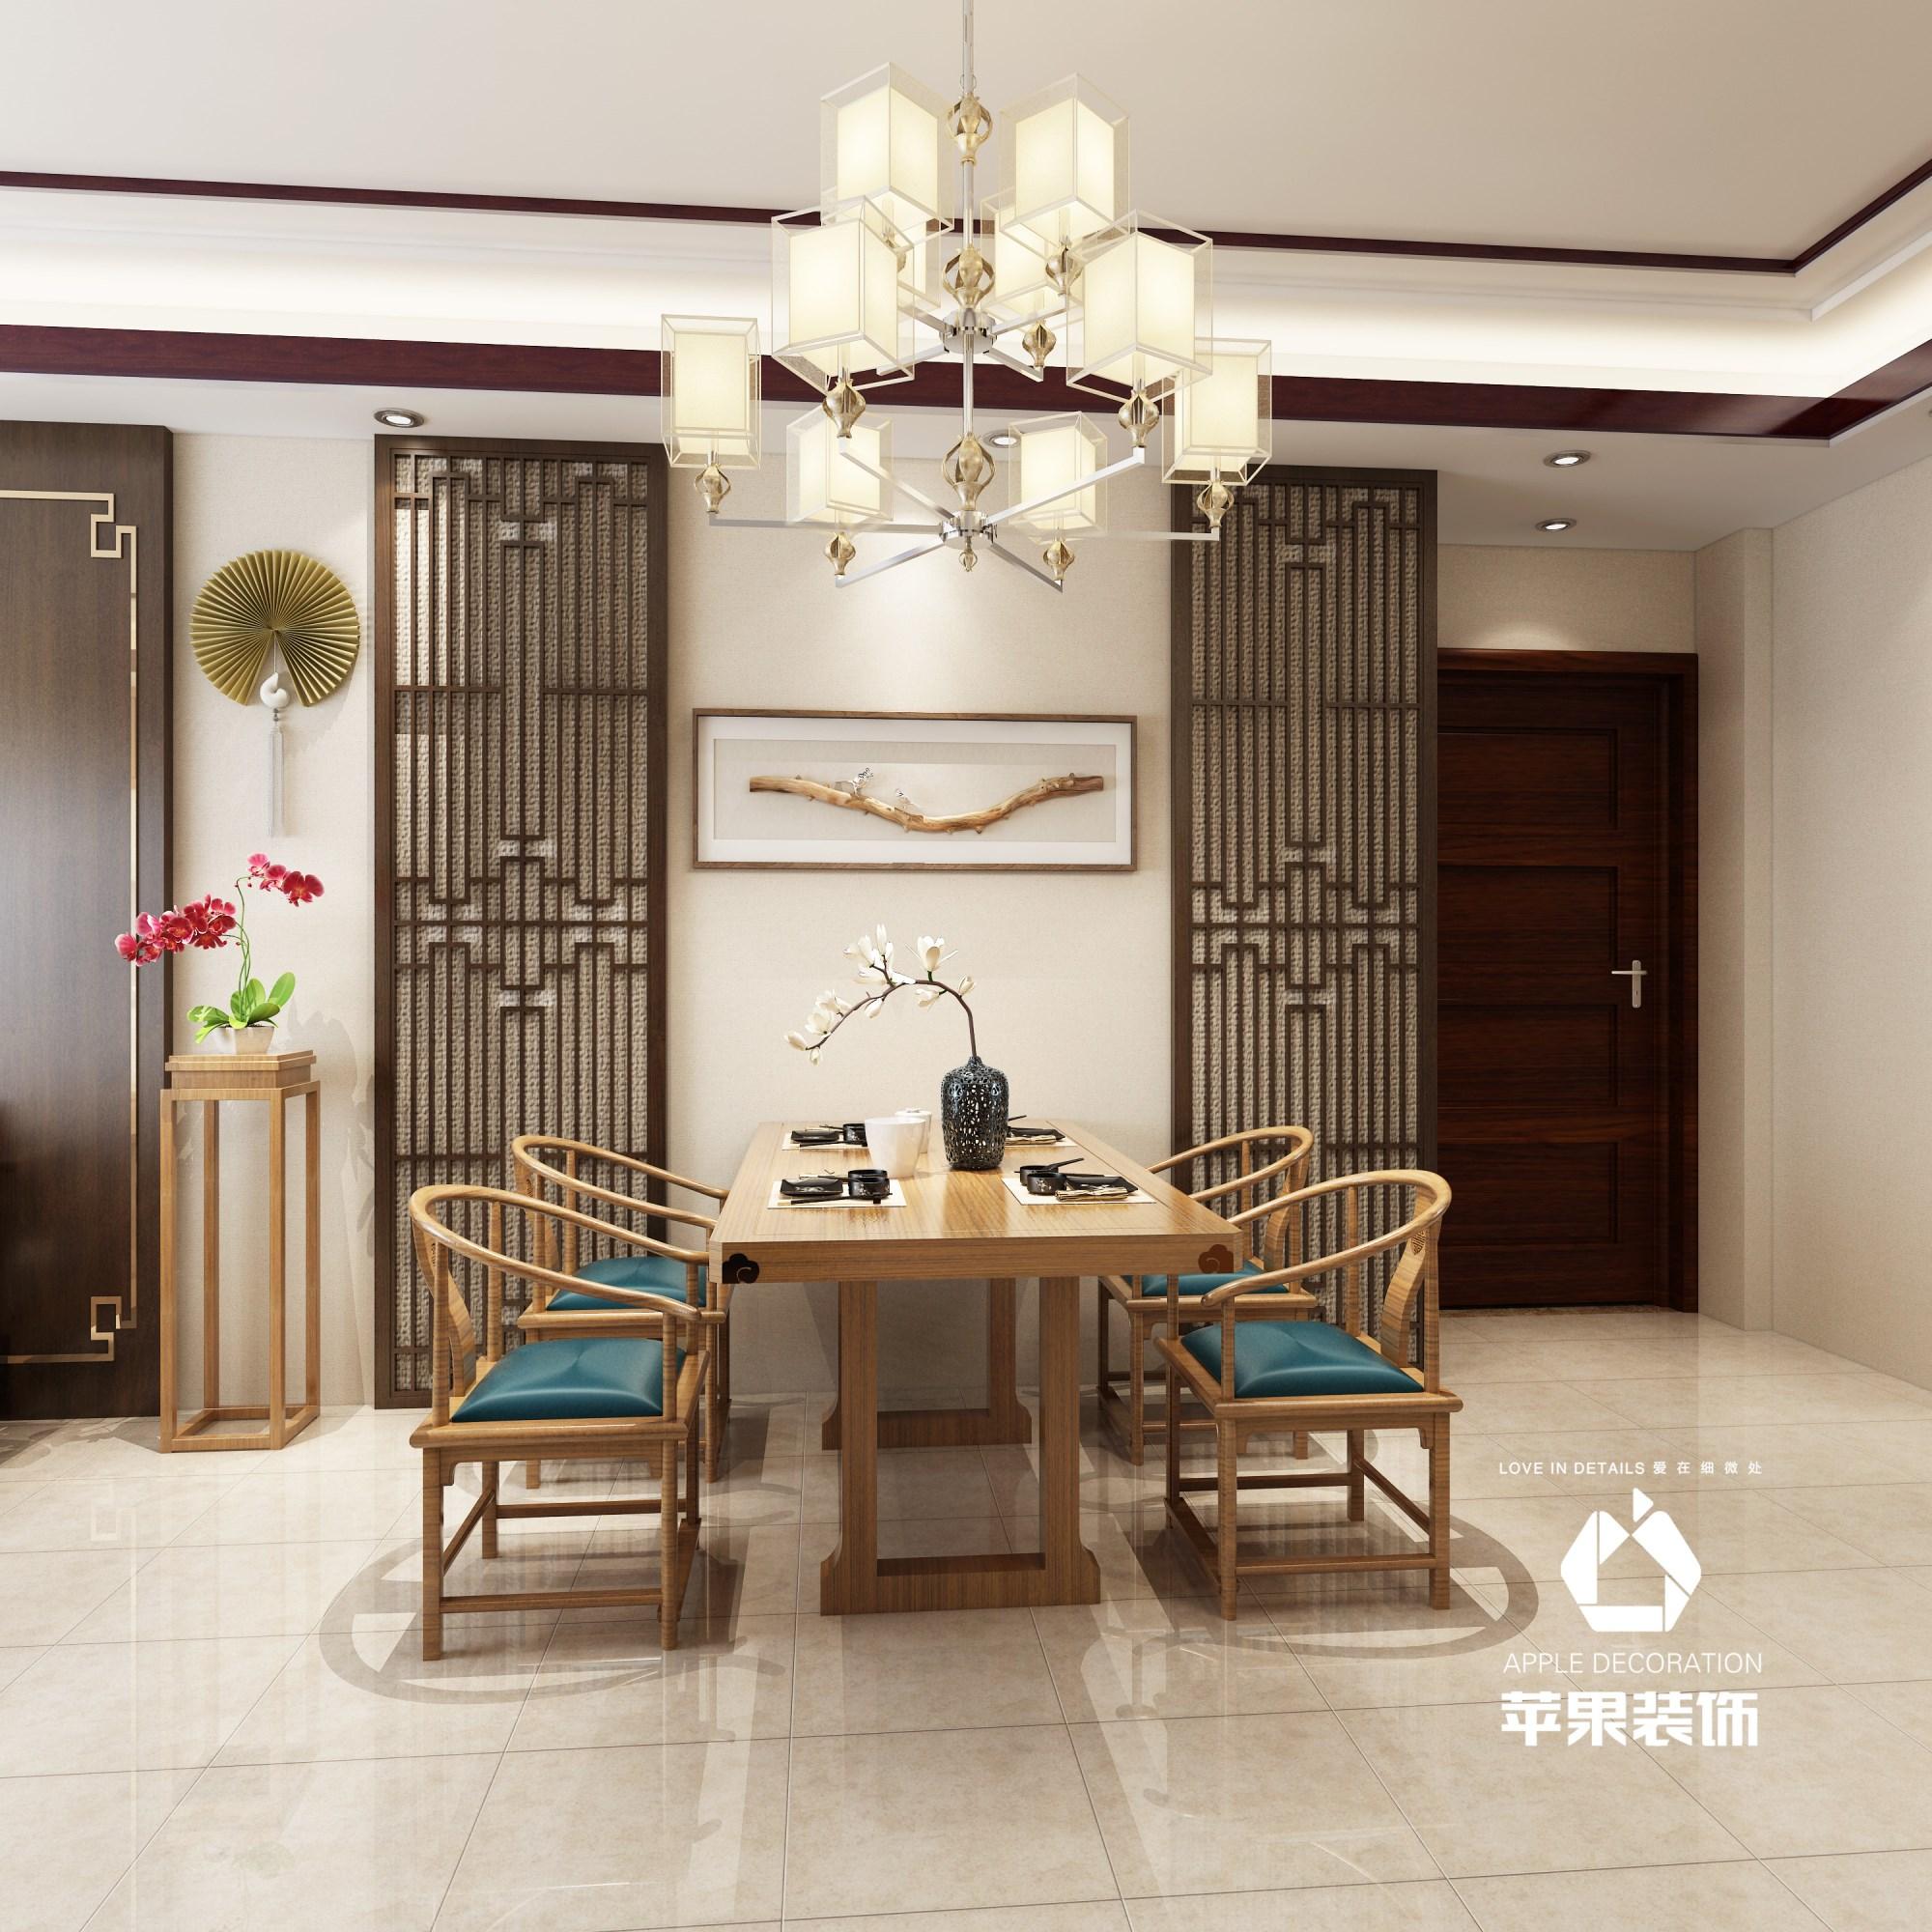 中海龙城公馆中式三居室案例效果装修效果图